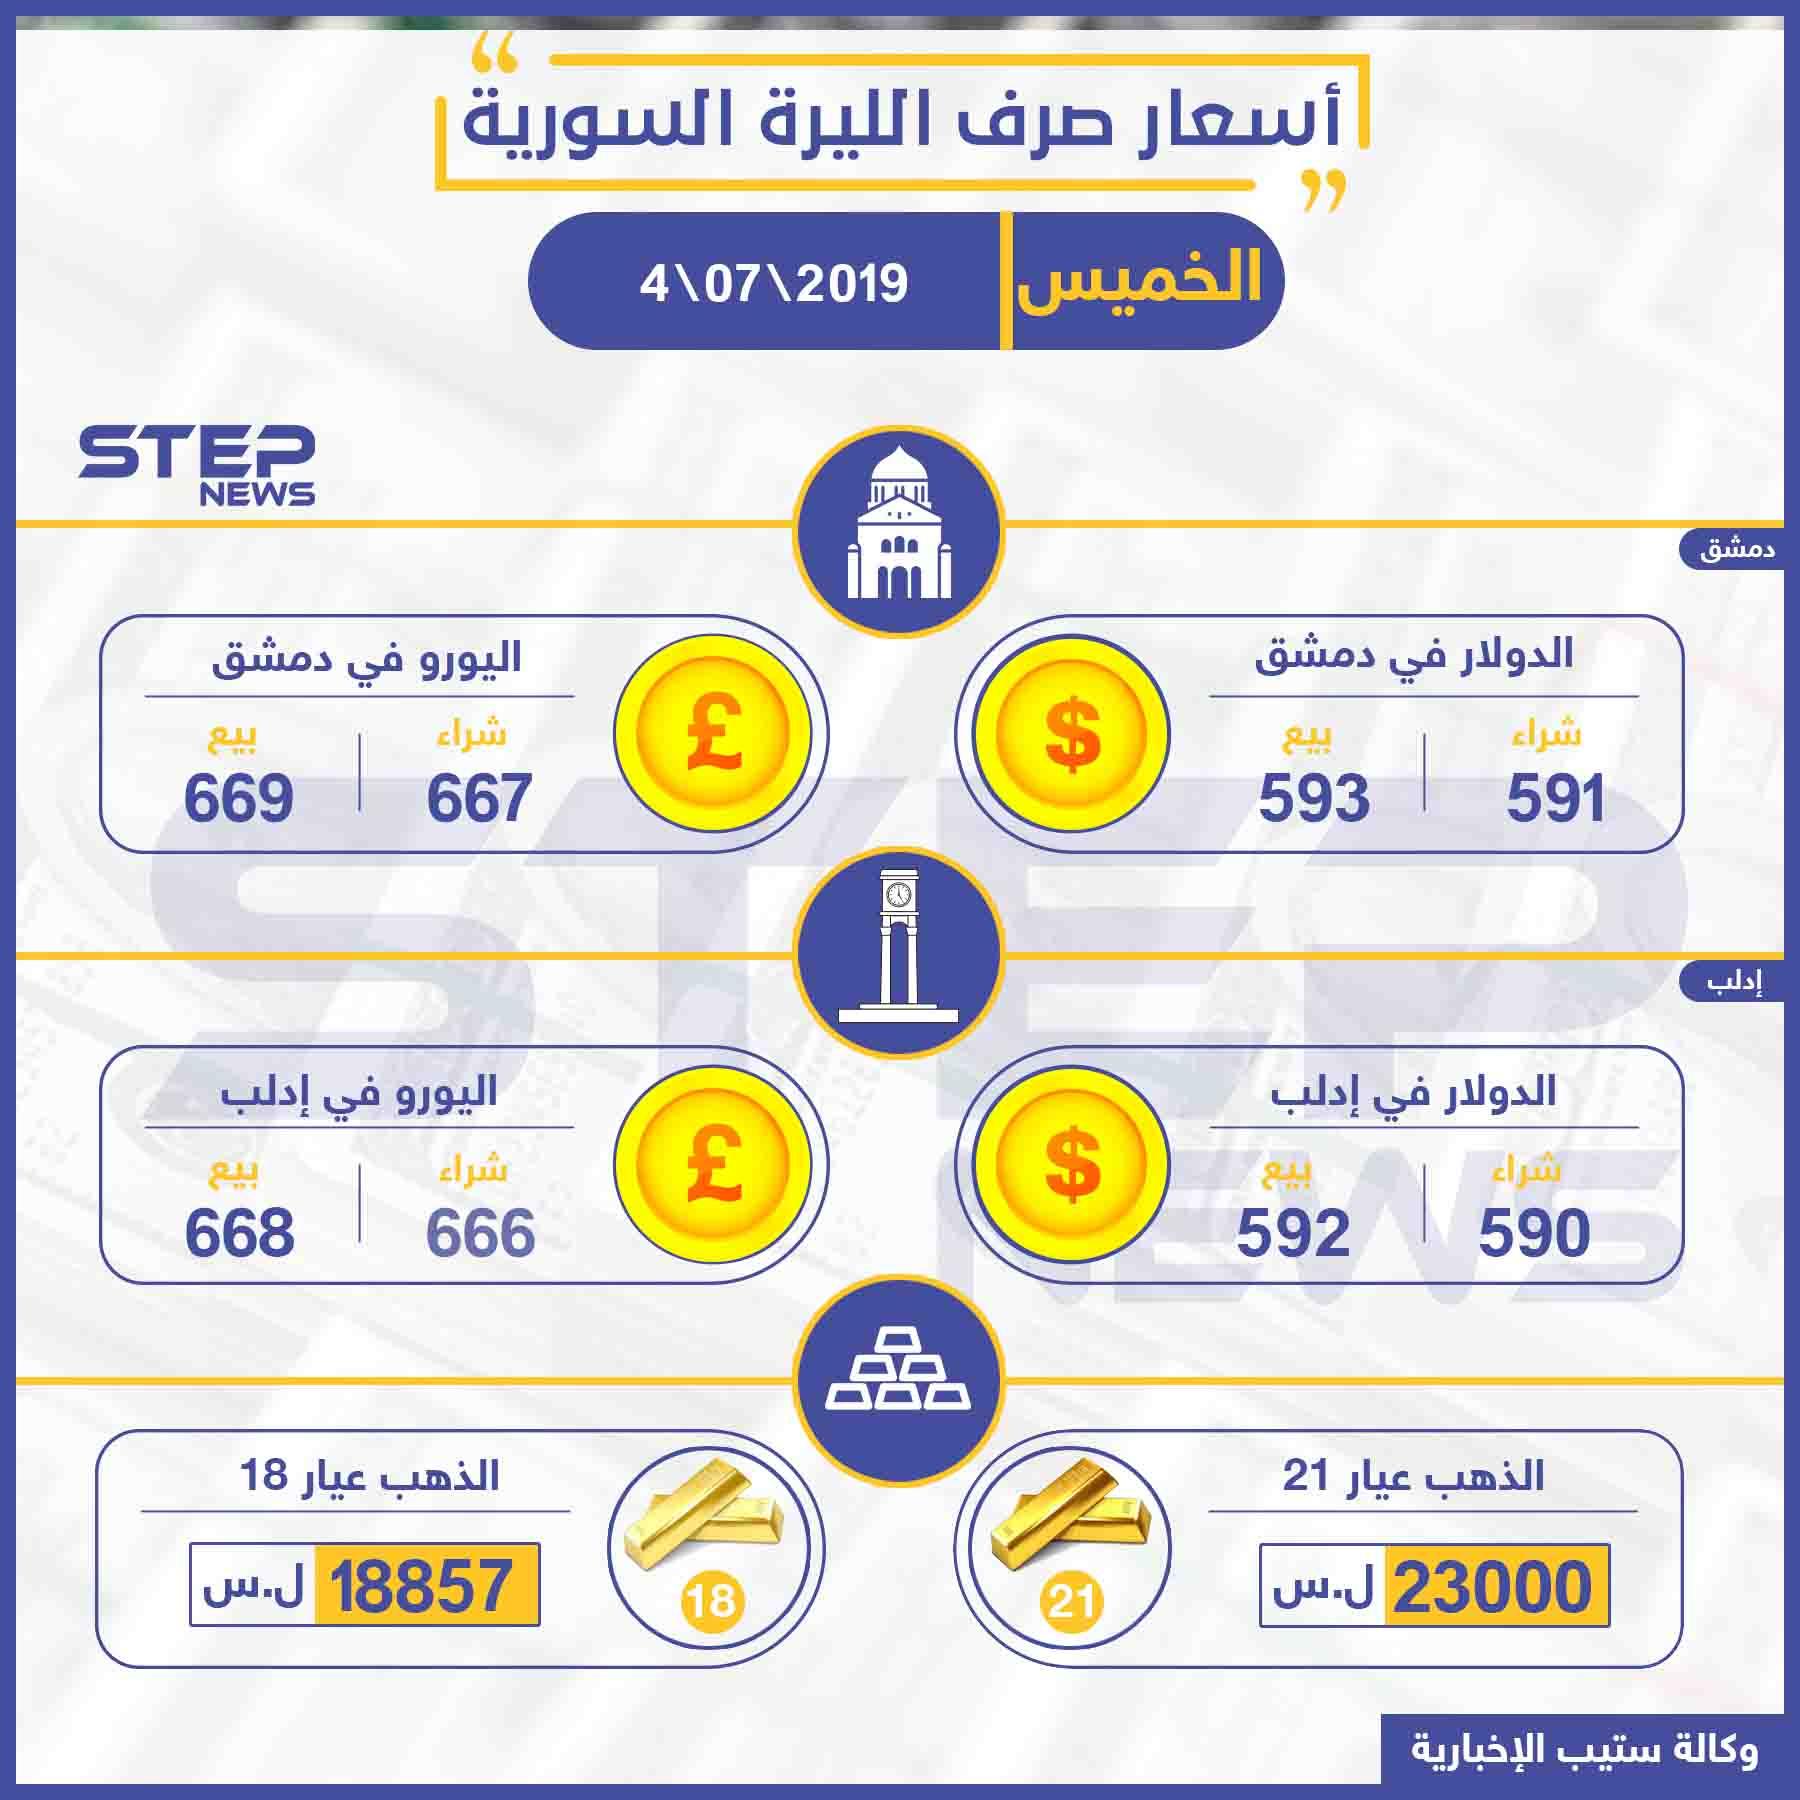 أسعار الذهب والعملات في سوريا اليوم 4-07-2019